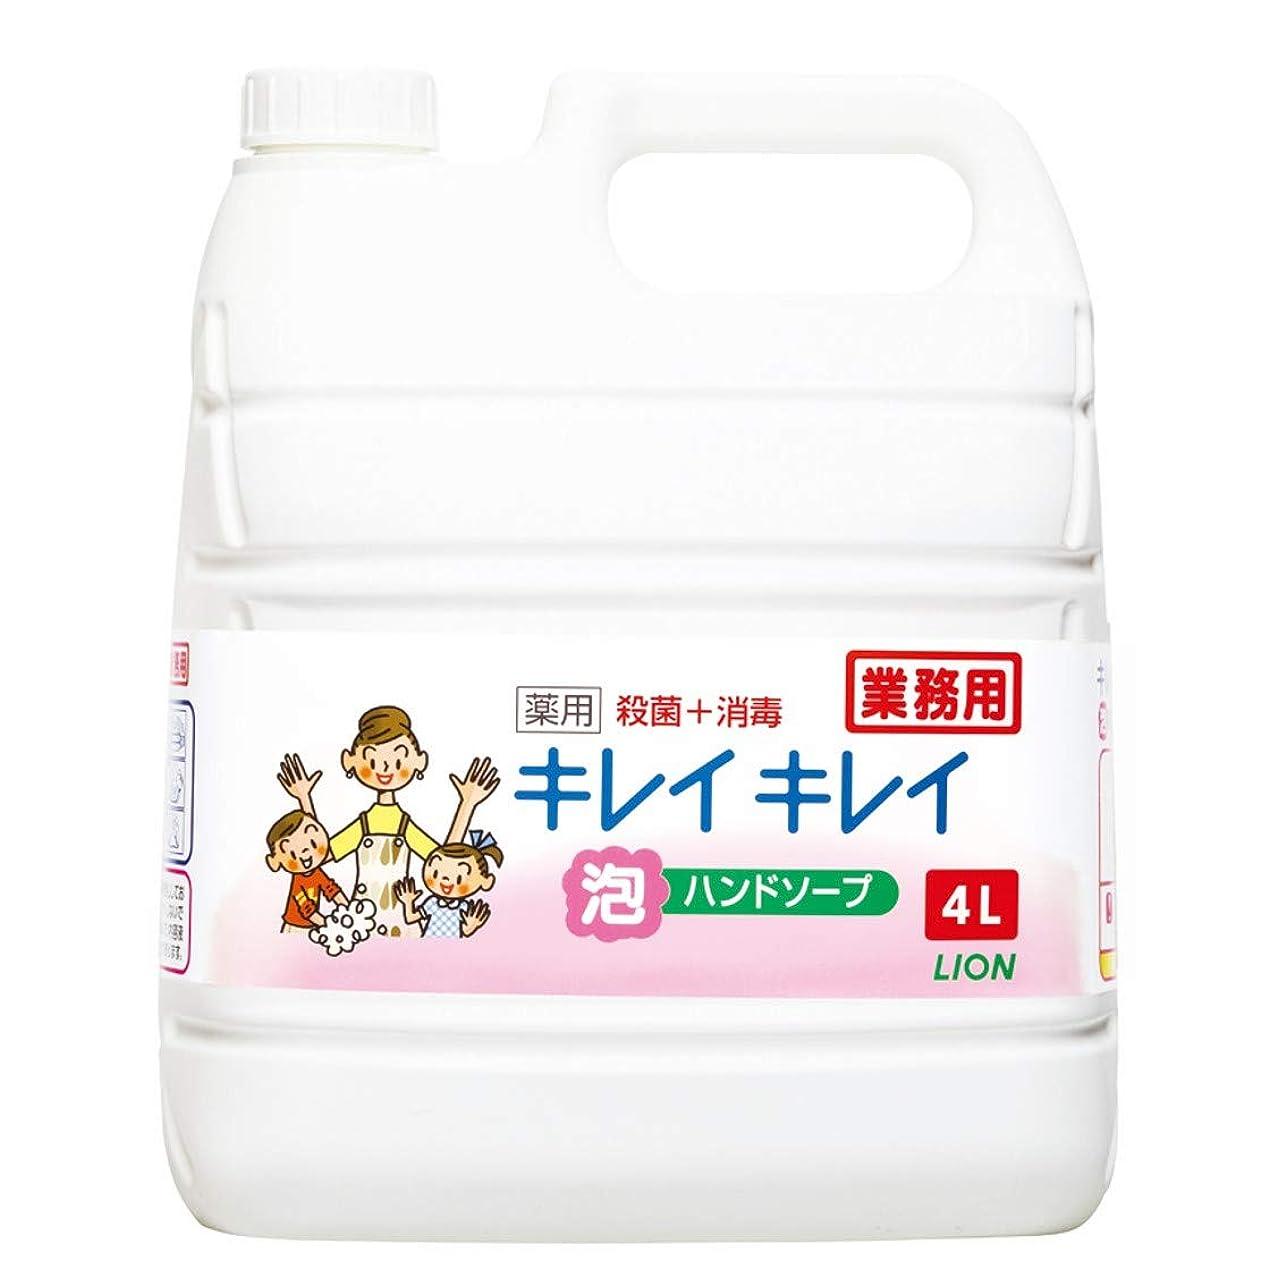 妻モードリンスタック【業務用 大容量】キレイキレイ 薬用 泡ハンドソープ シトラスフルーティの香り 4L(医薬部外品)